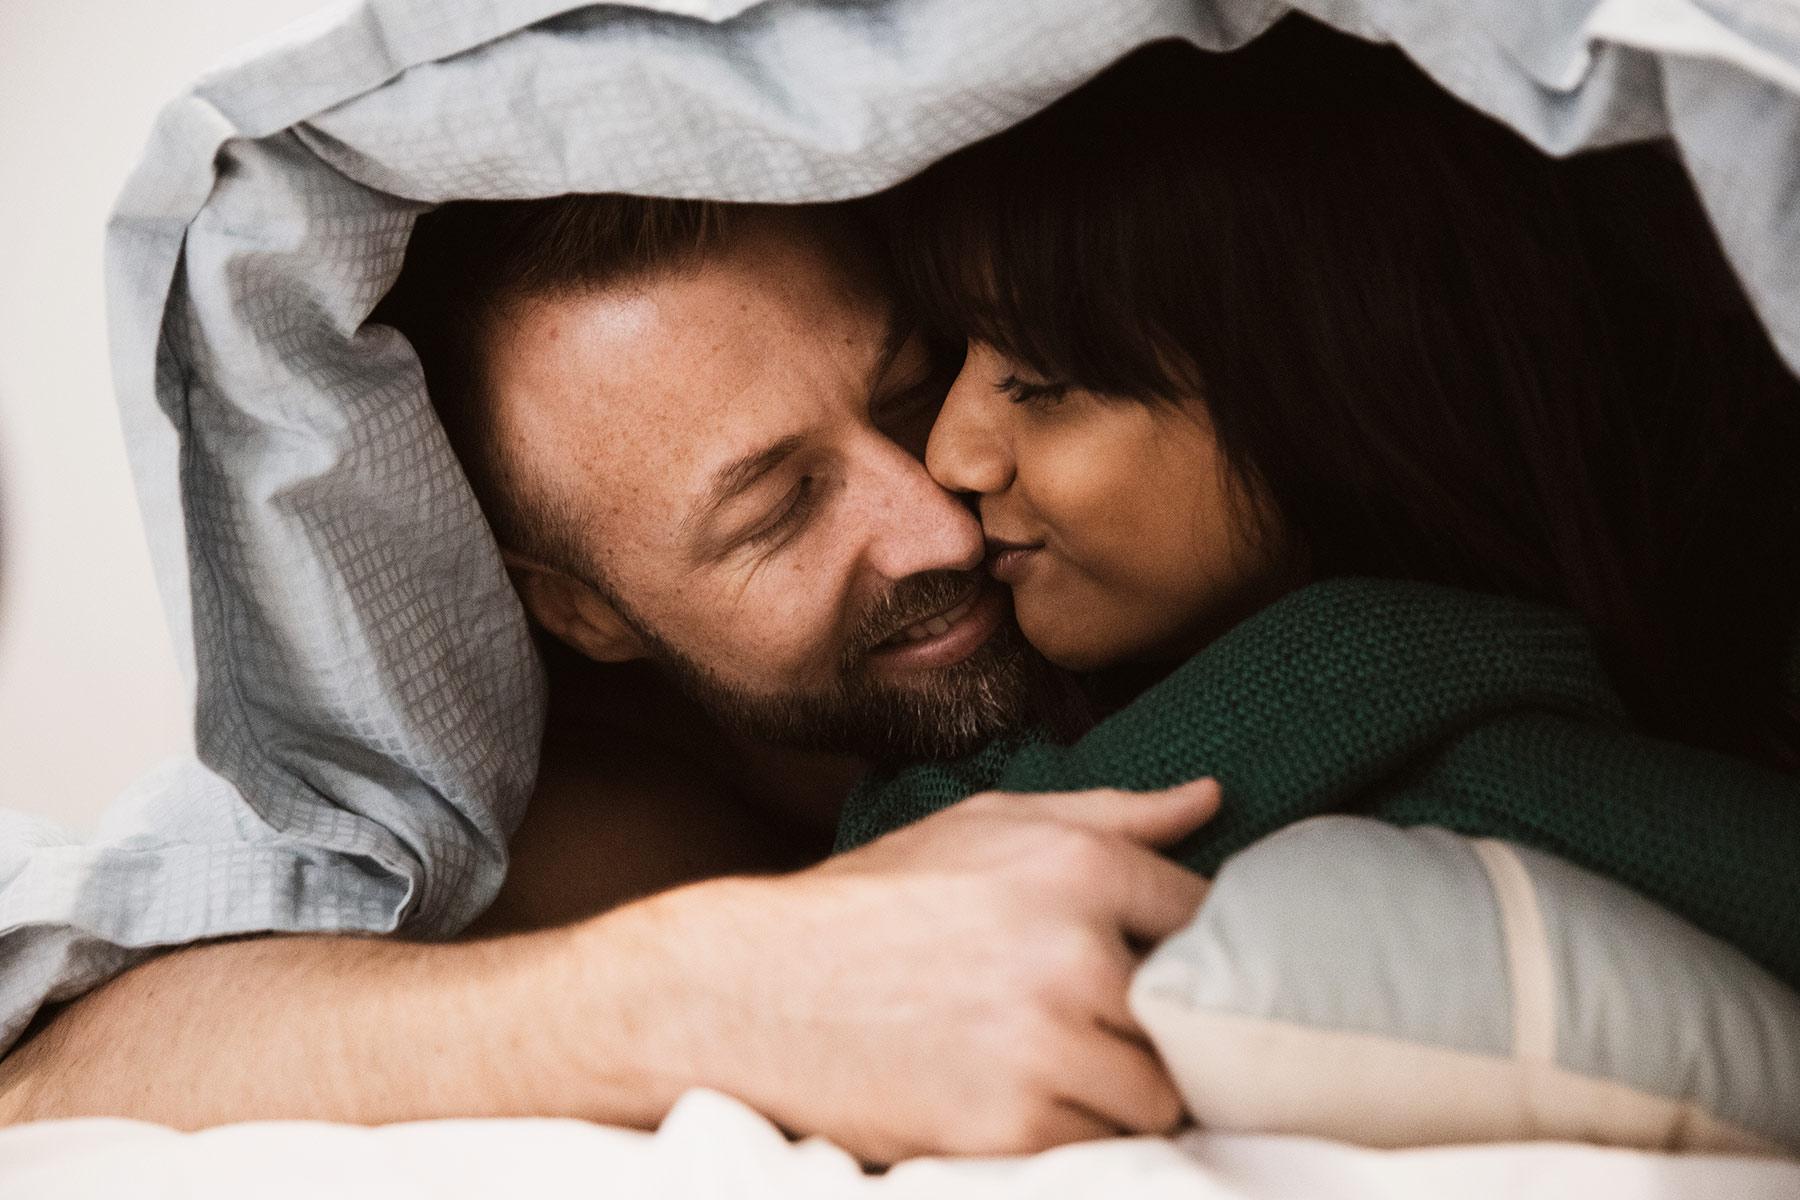 Σεξ Tips: Συμβουλές για να απολαύσετε καλύτερα το σεξ [vid]